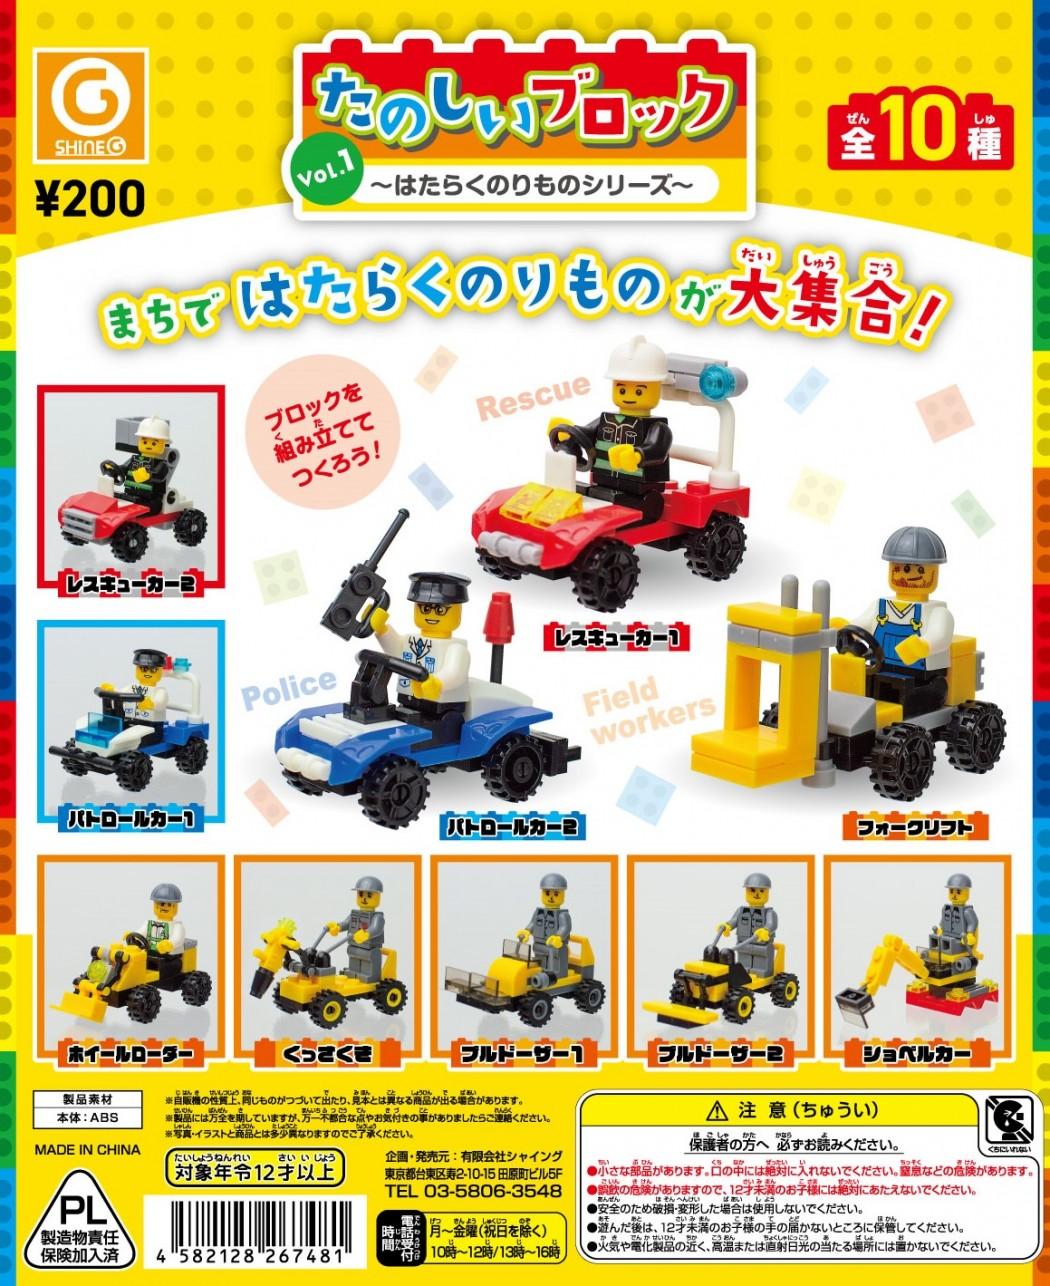 tanoshi_block_Vol1